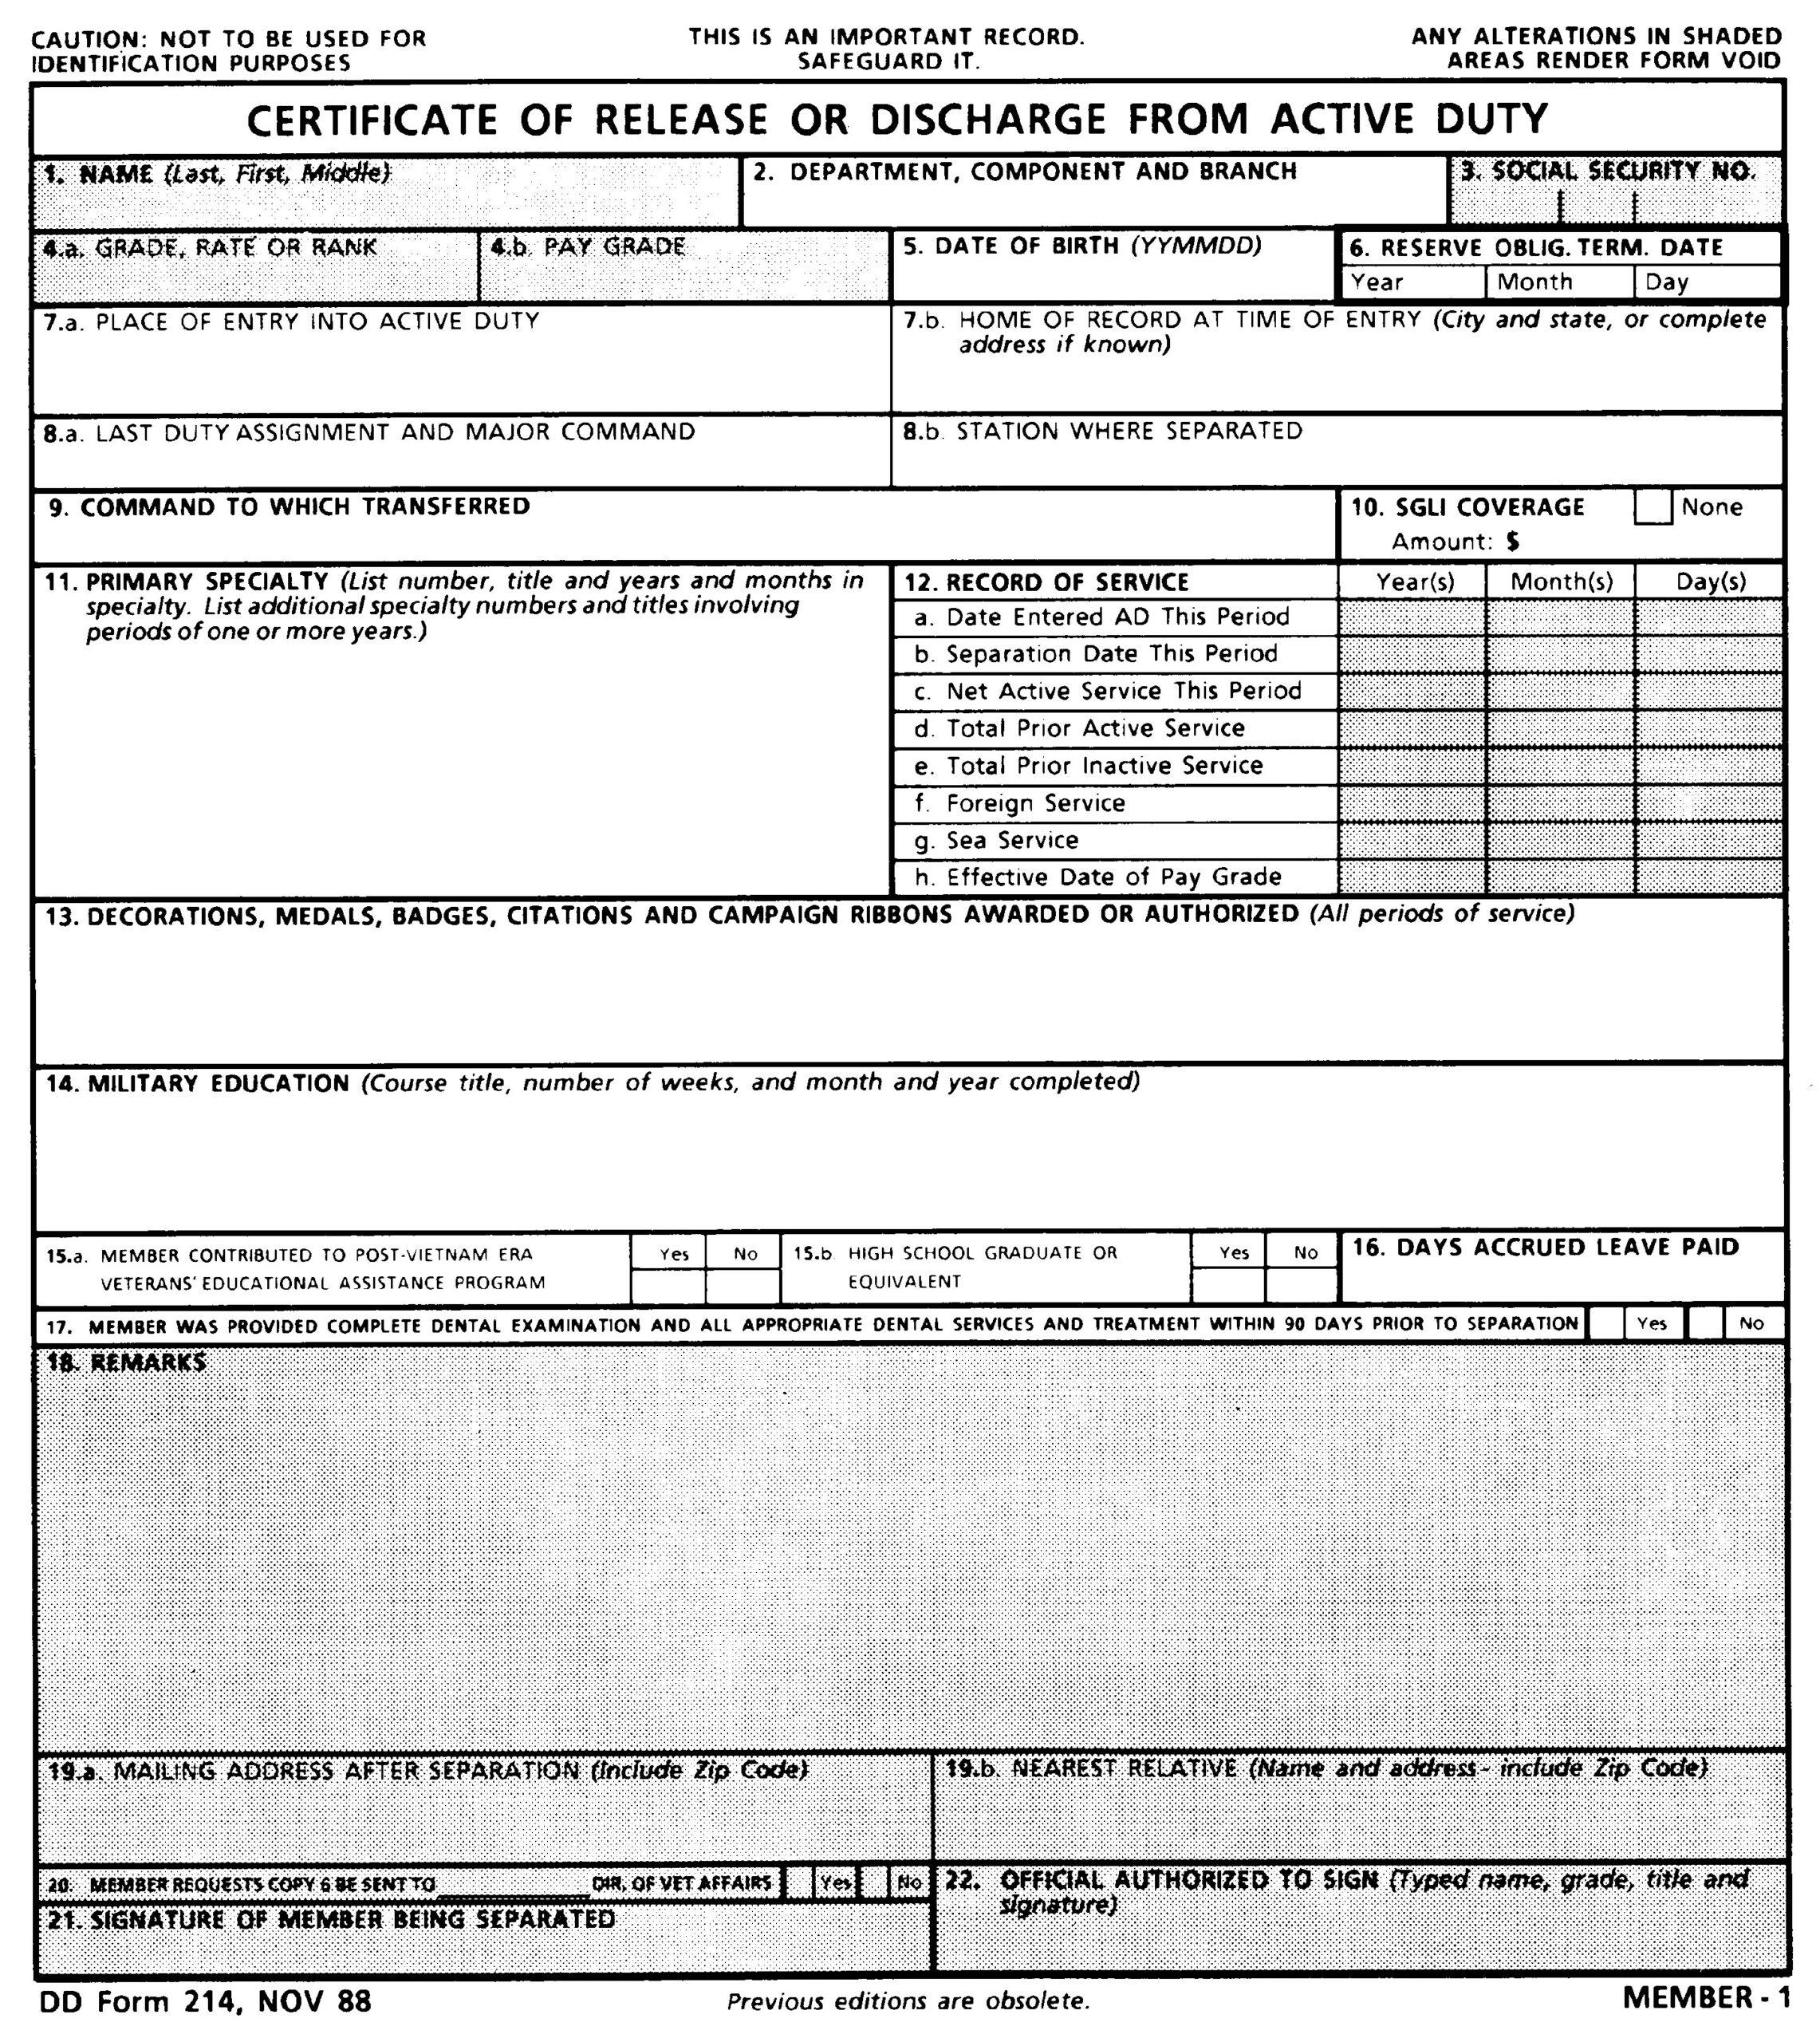 Blank Copy Form Dd 214